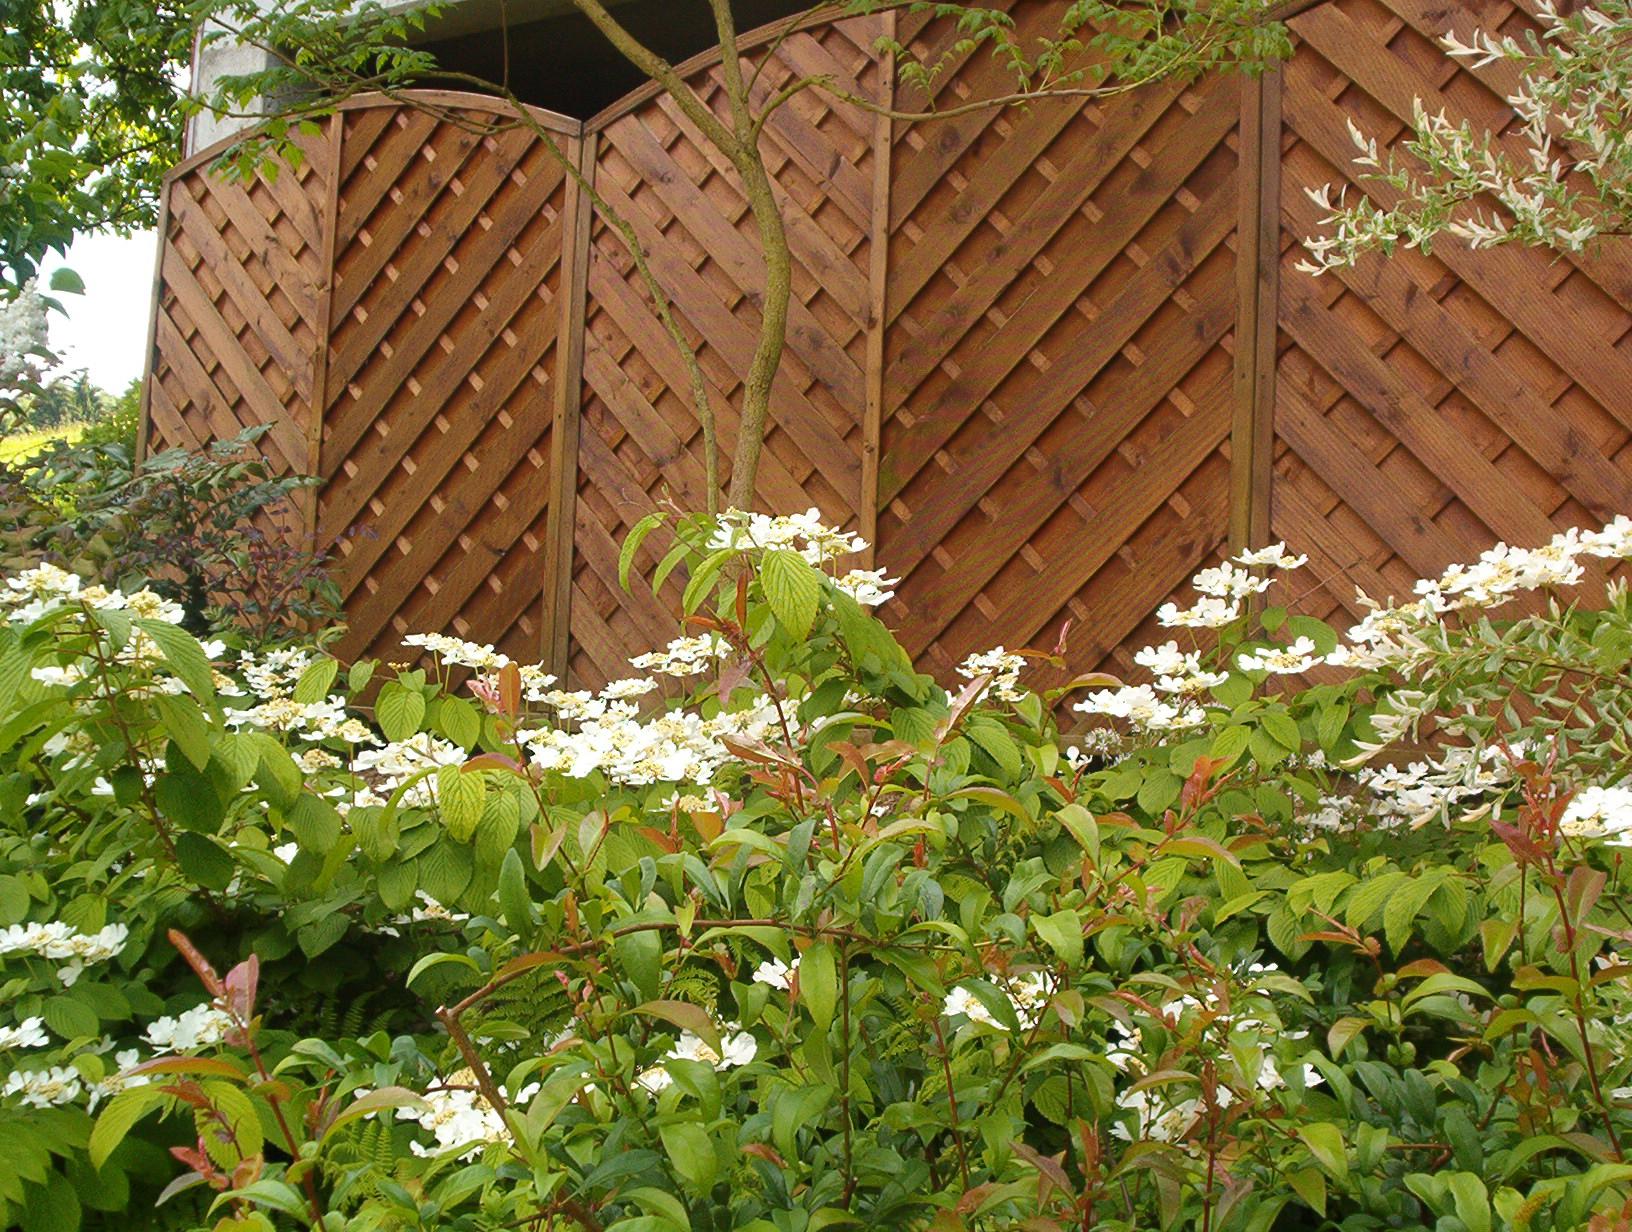 Fuchs Im Garten Was Tun ~ Innenräume und Möbel Ideen